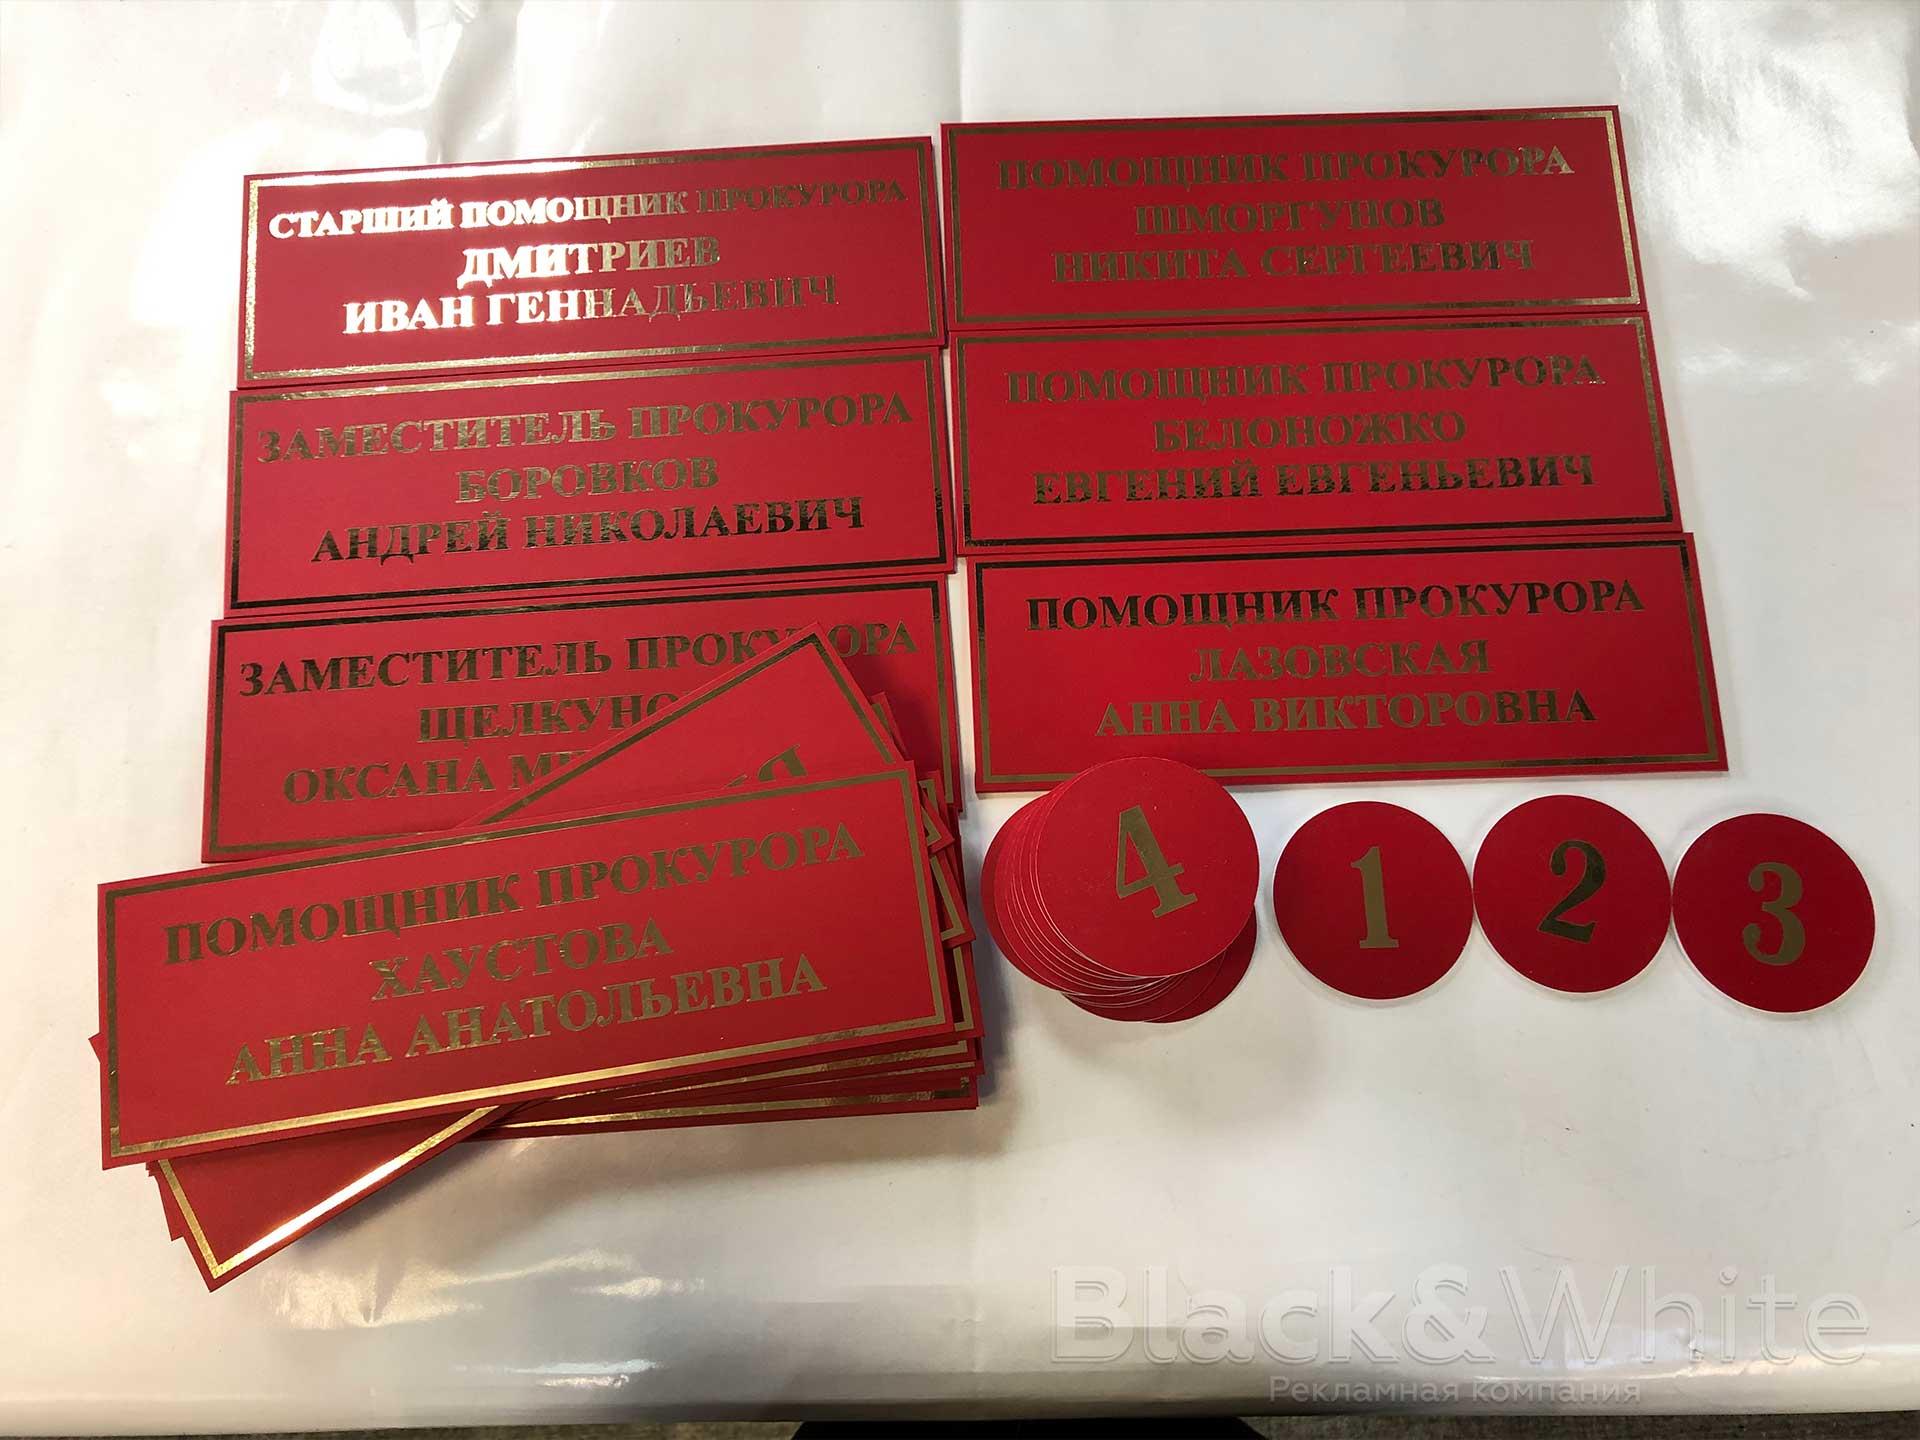 Таблички-на-дверь-вывеска-на-дверь-именная-табличка-изготовление-в-красноярске-Black&White...jpg